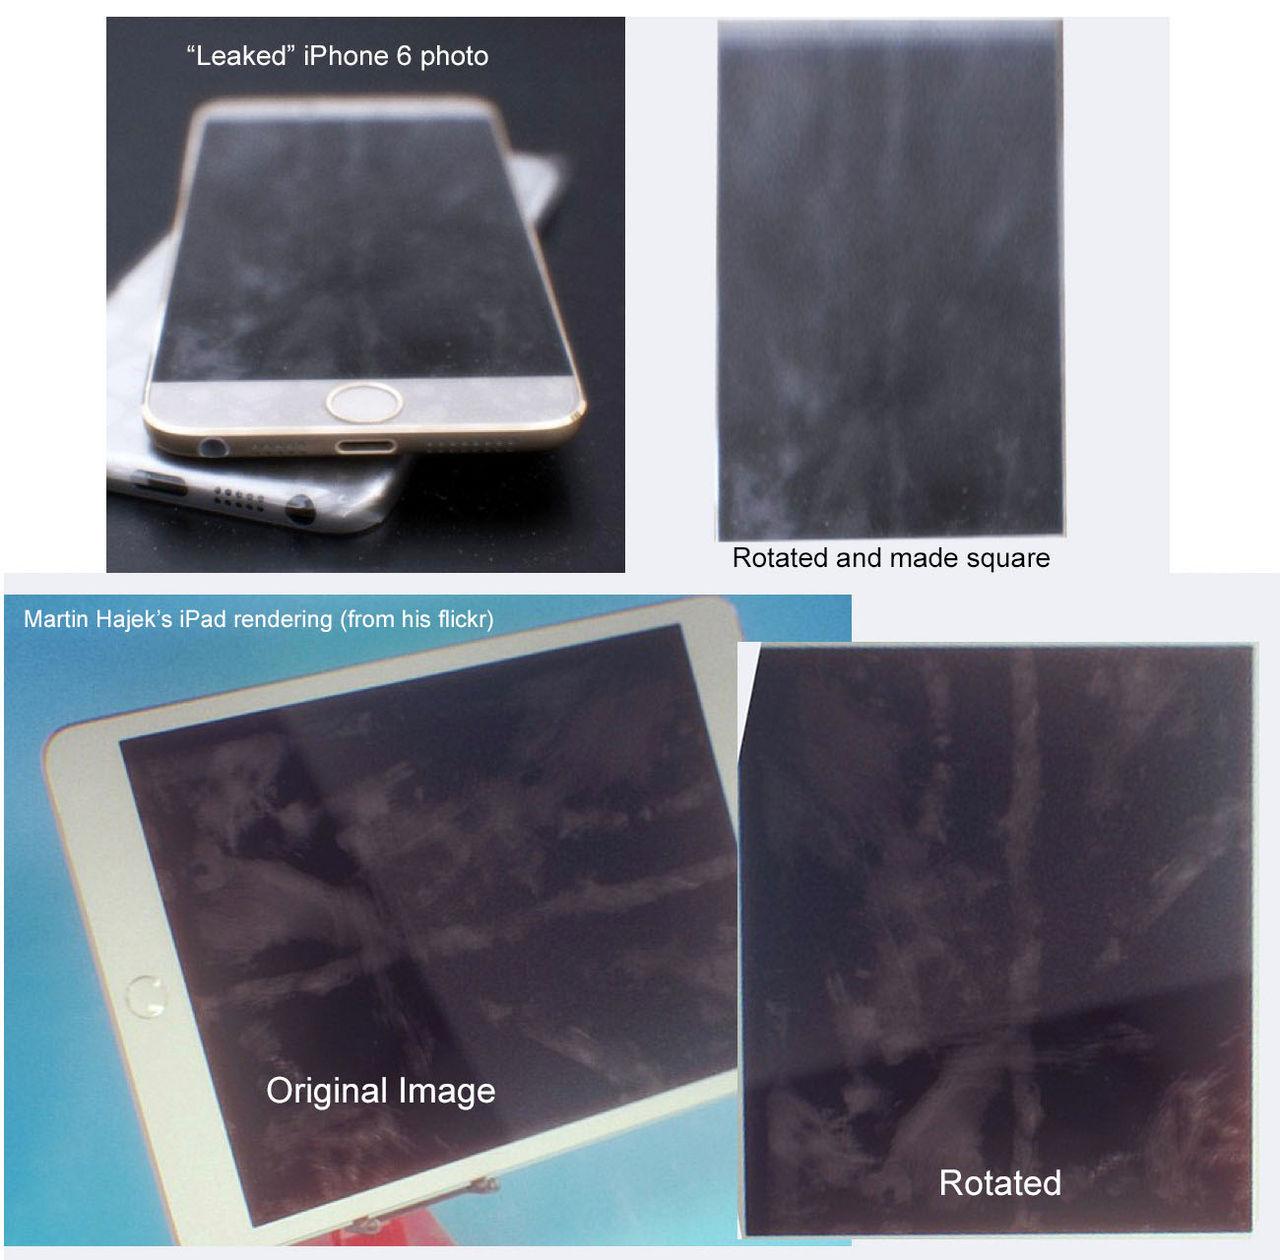 Fejkade bilder på iPhone 6 cirkulerar